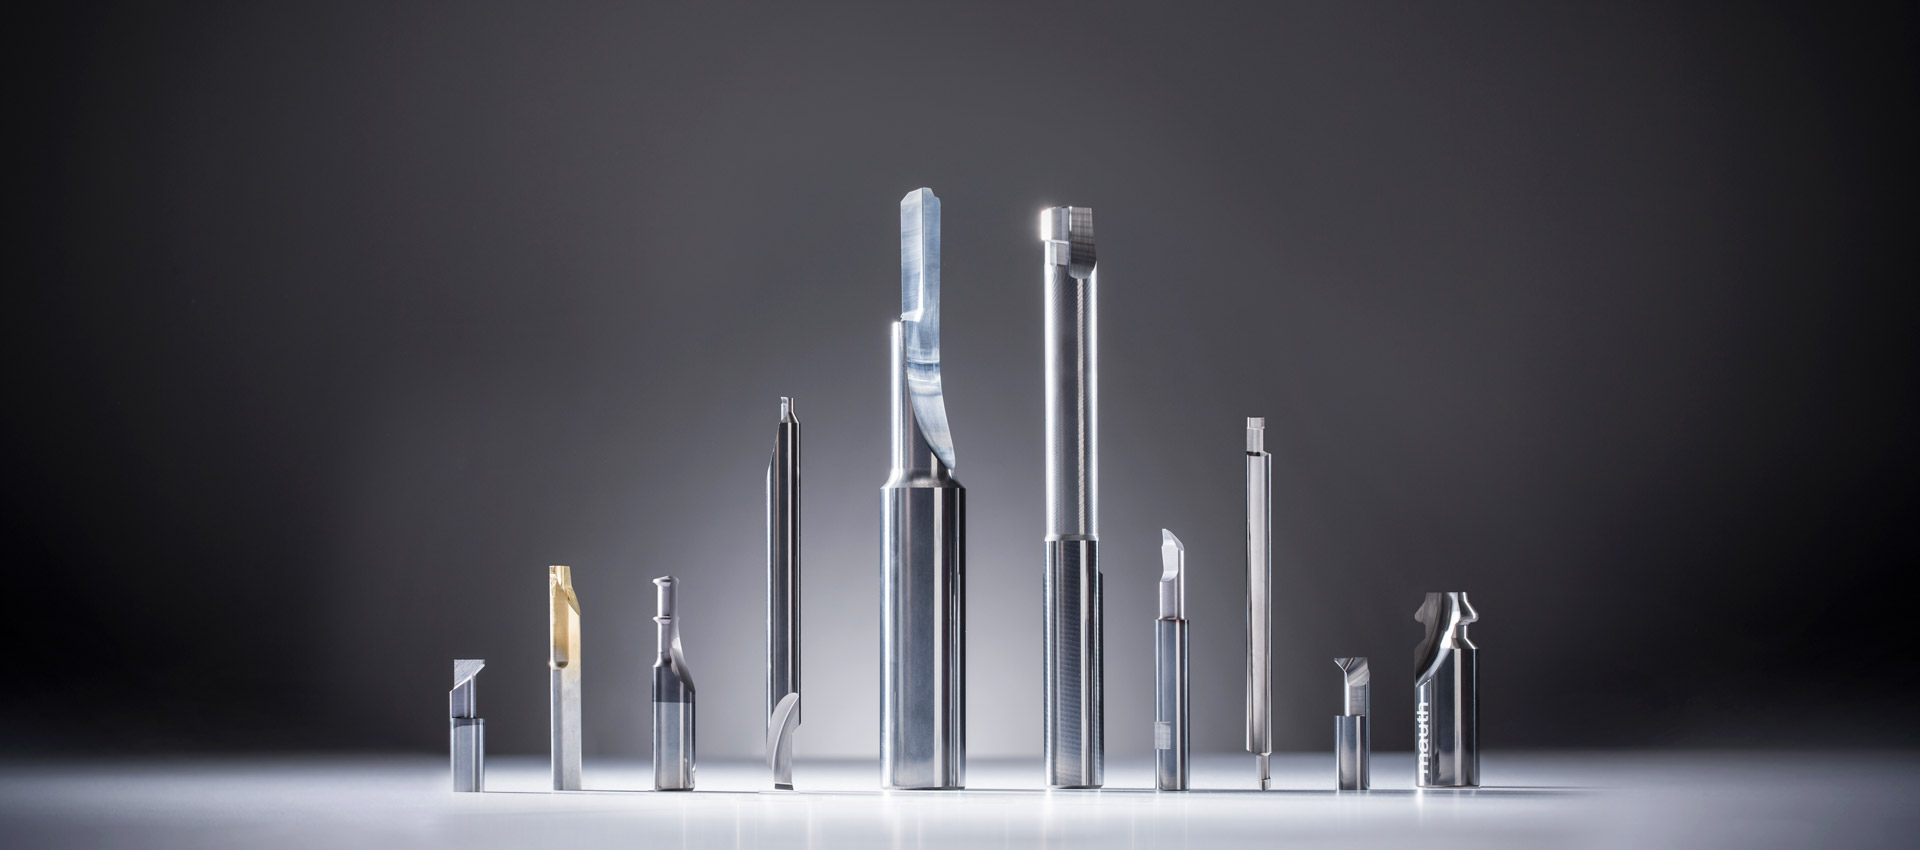 Mauth Werkzeugtechnik - Innenbearbeitung, Innenräumwerkzeuge